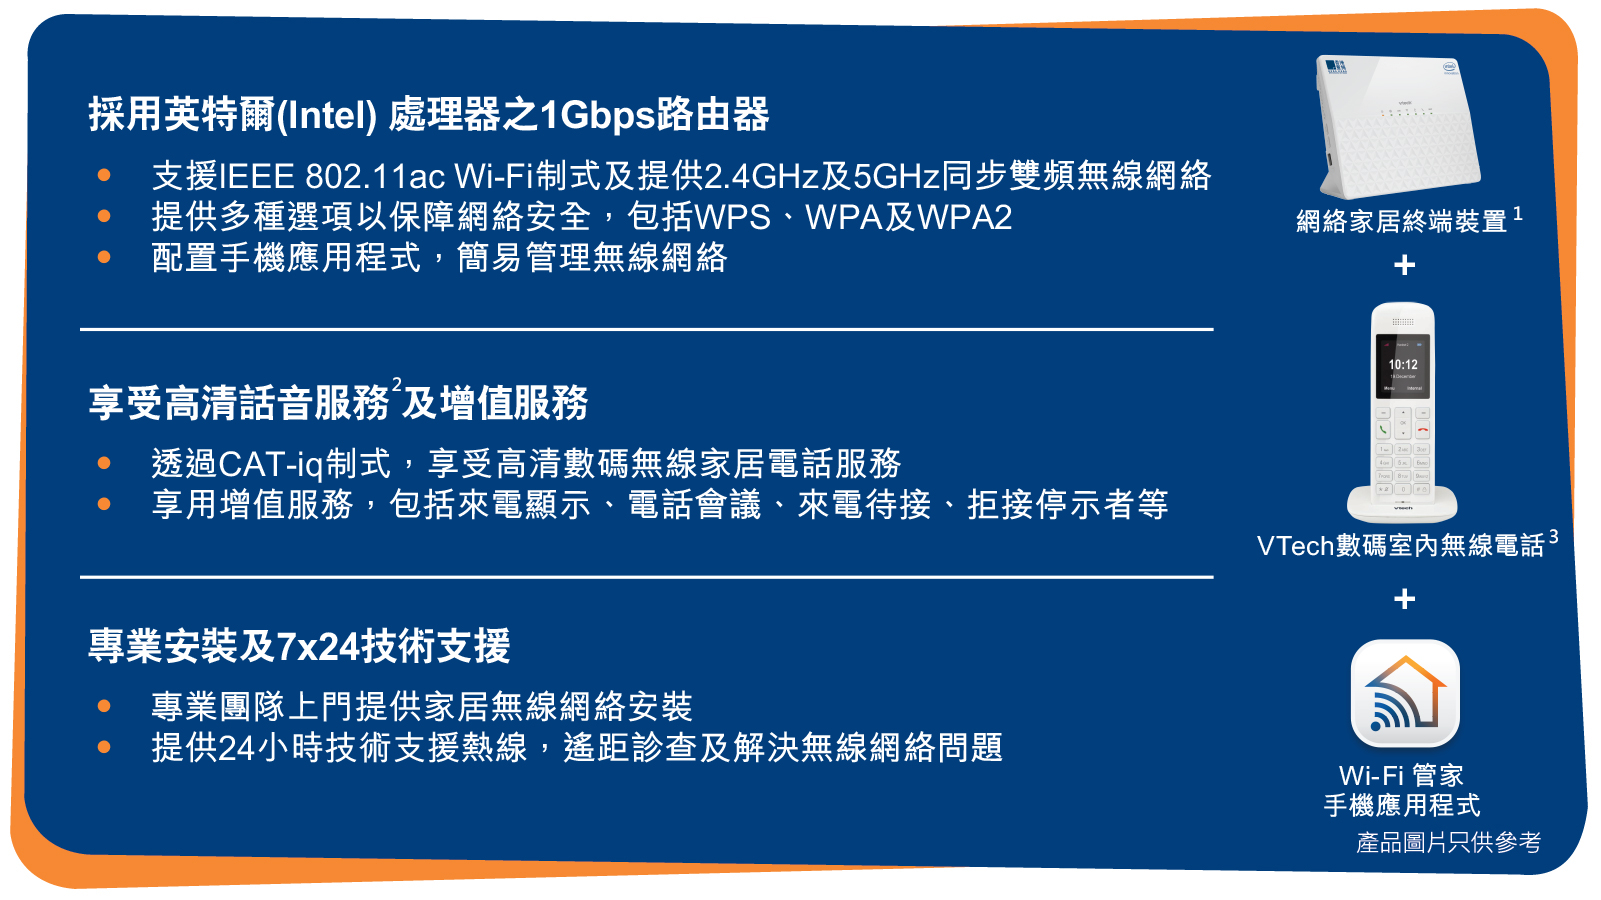 家居光纖寬頻,HKBN Wi-Fi | 香港寬頻 HKBN